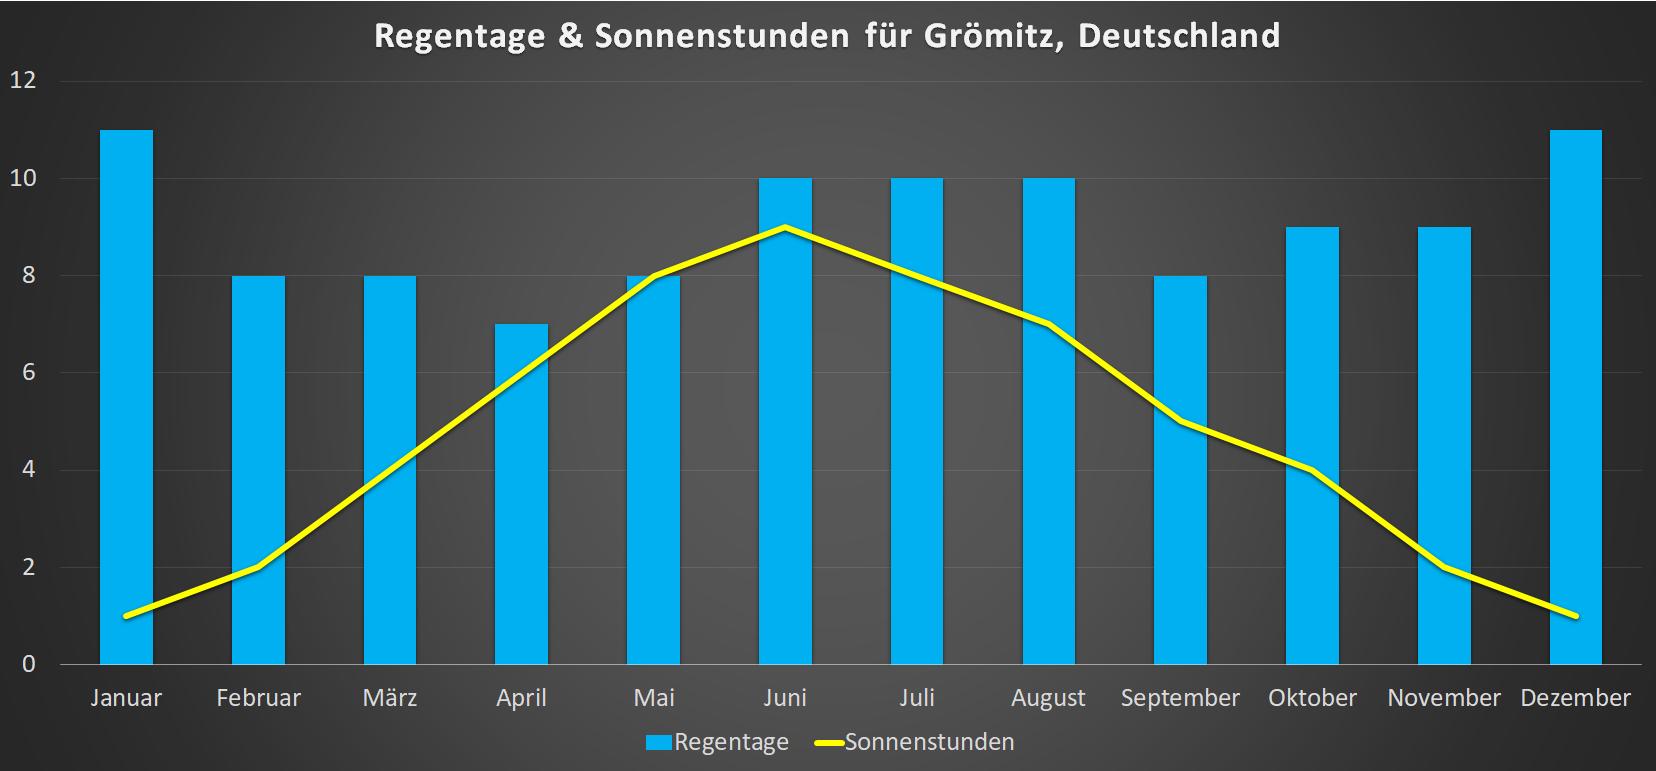 Regentage & Sonnenstunden für Groemitz im Jahresverlauf